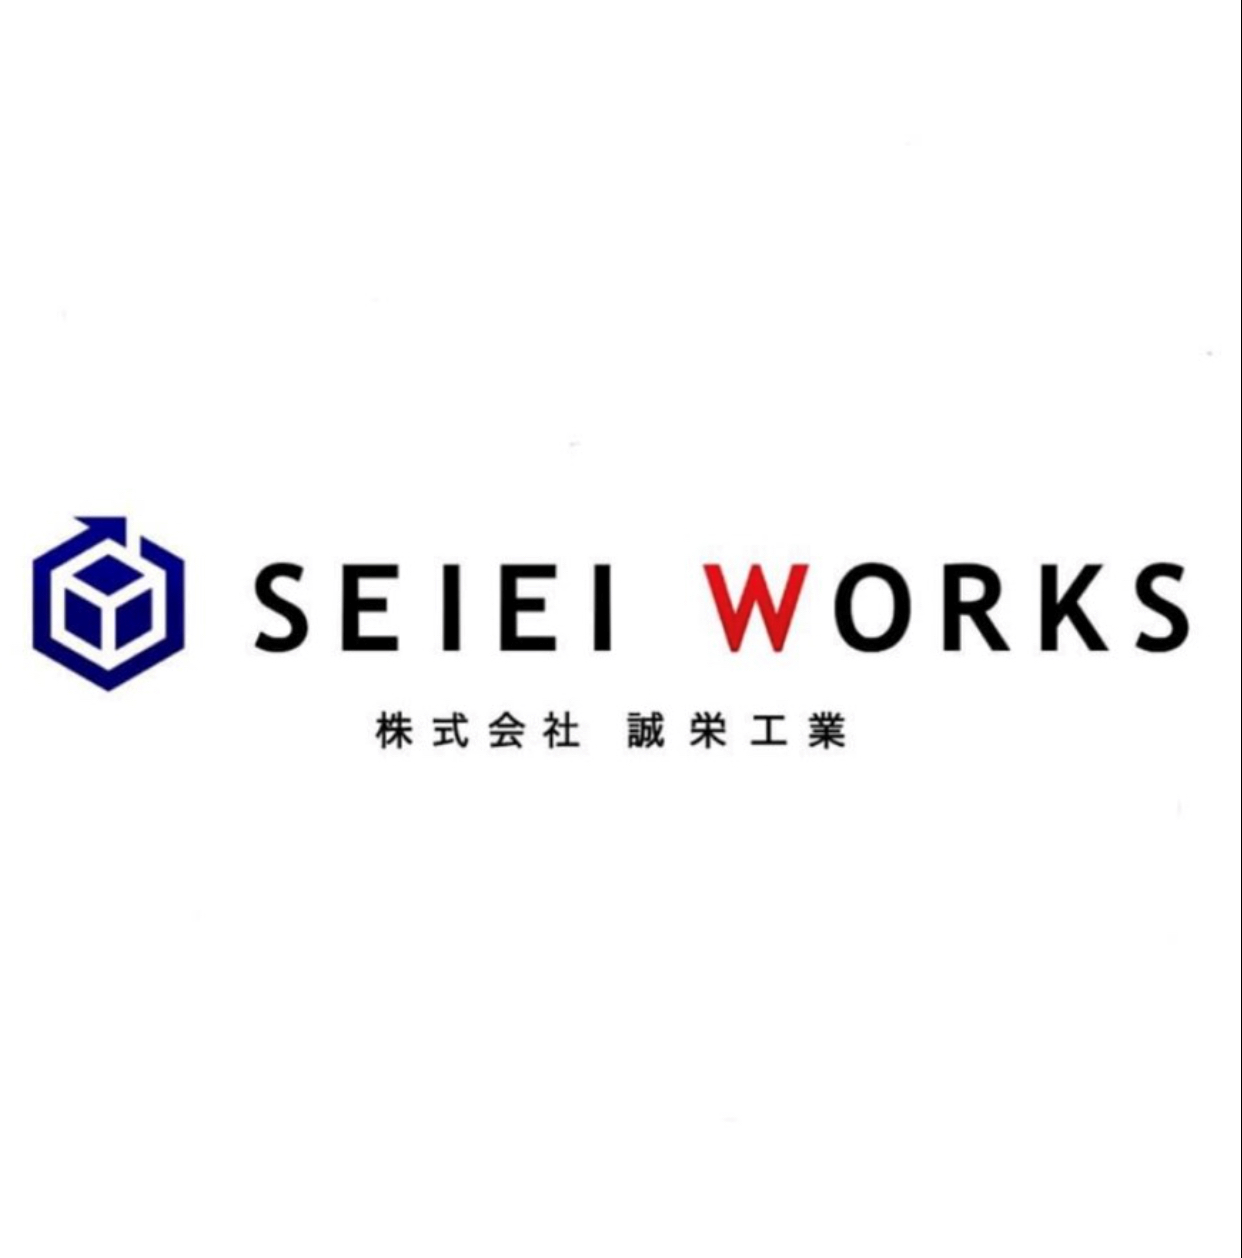 株式会社 誠栄工業 《SEIEI WORKS》